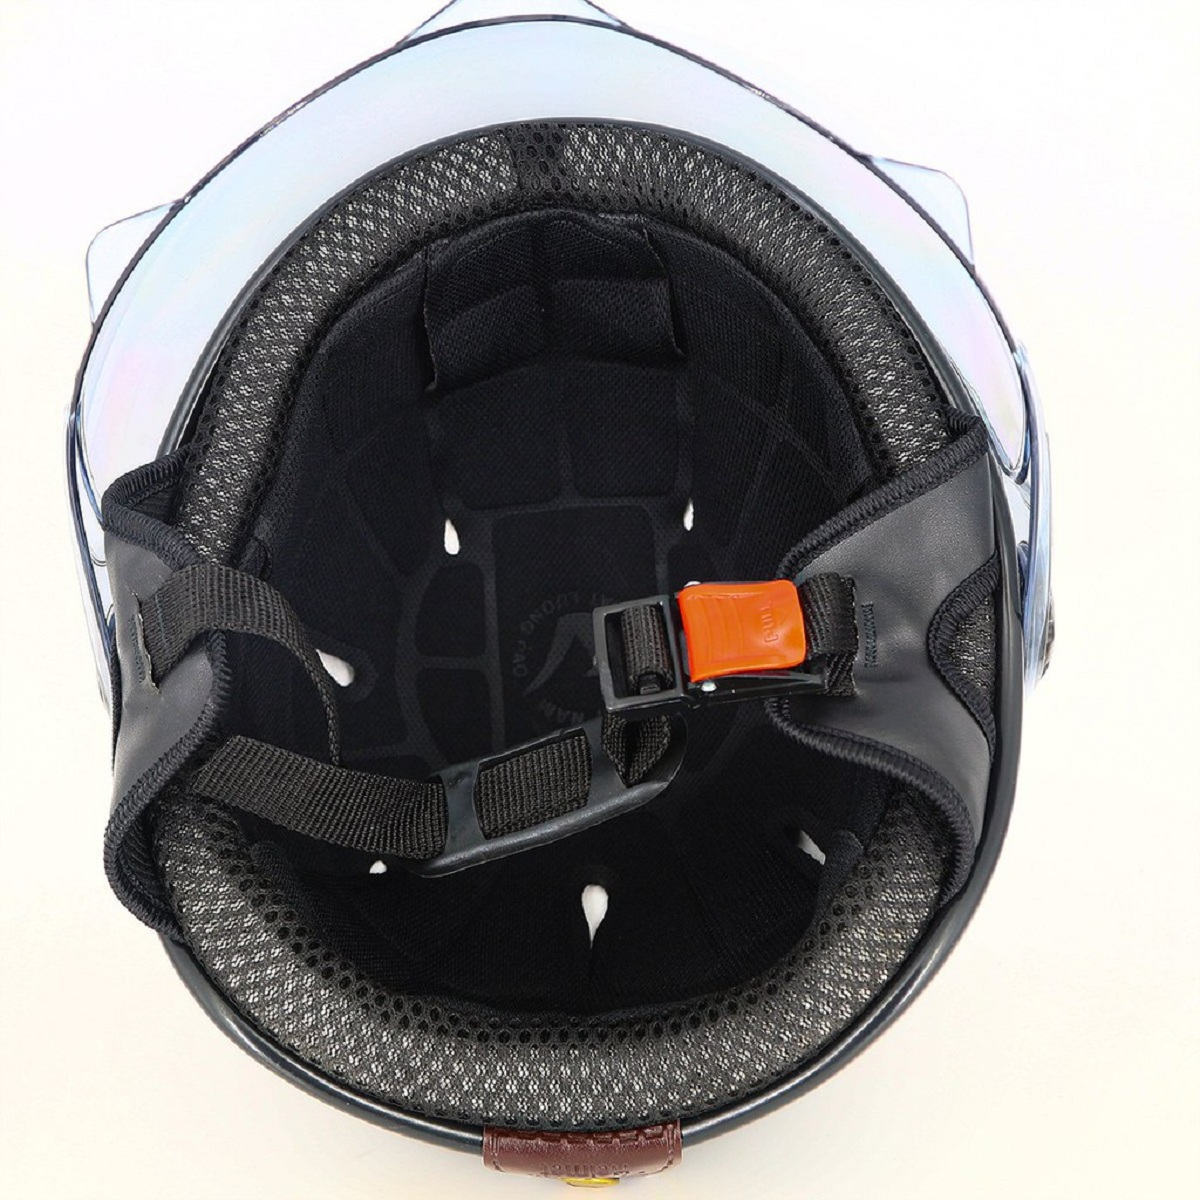 Mũ bảo hiểm nửa đầu viền đồng Có Kính SRT chống tia UV cao cấp - Màu Đen